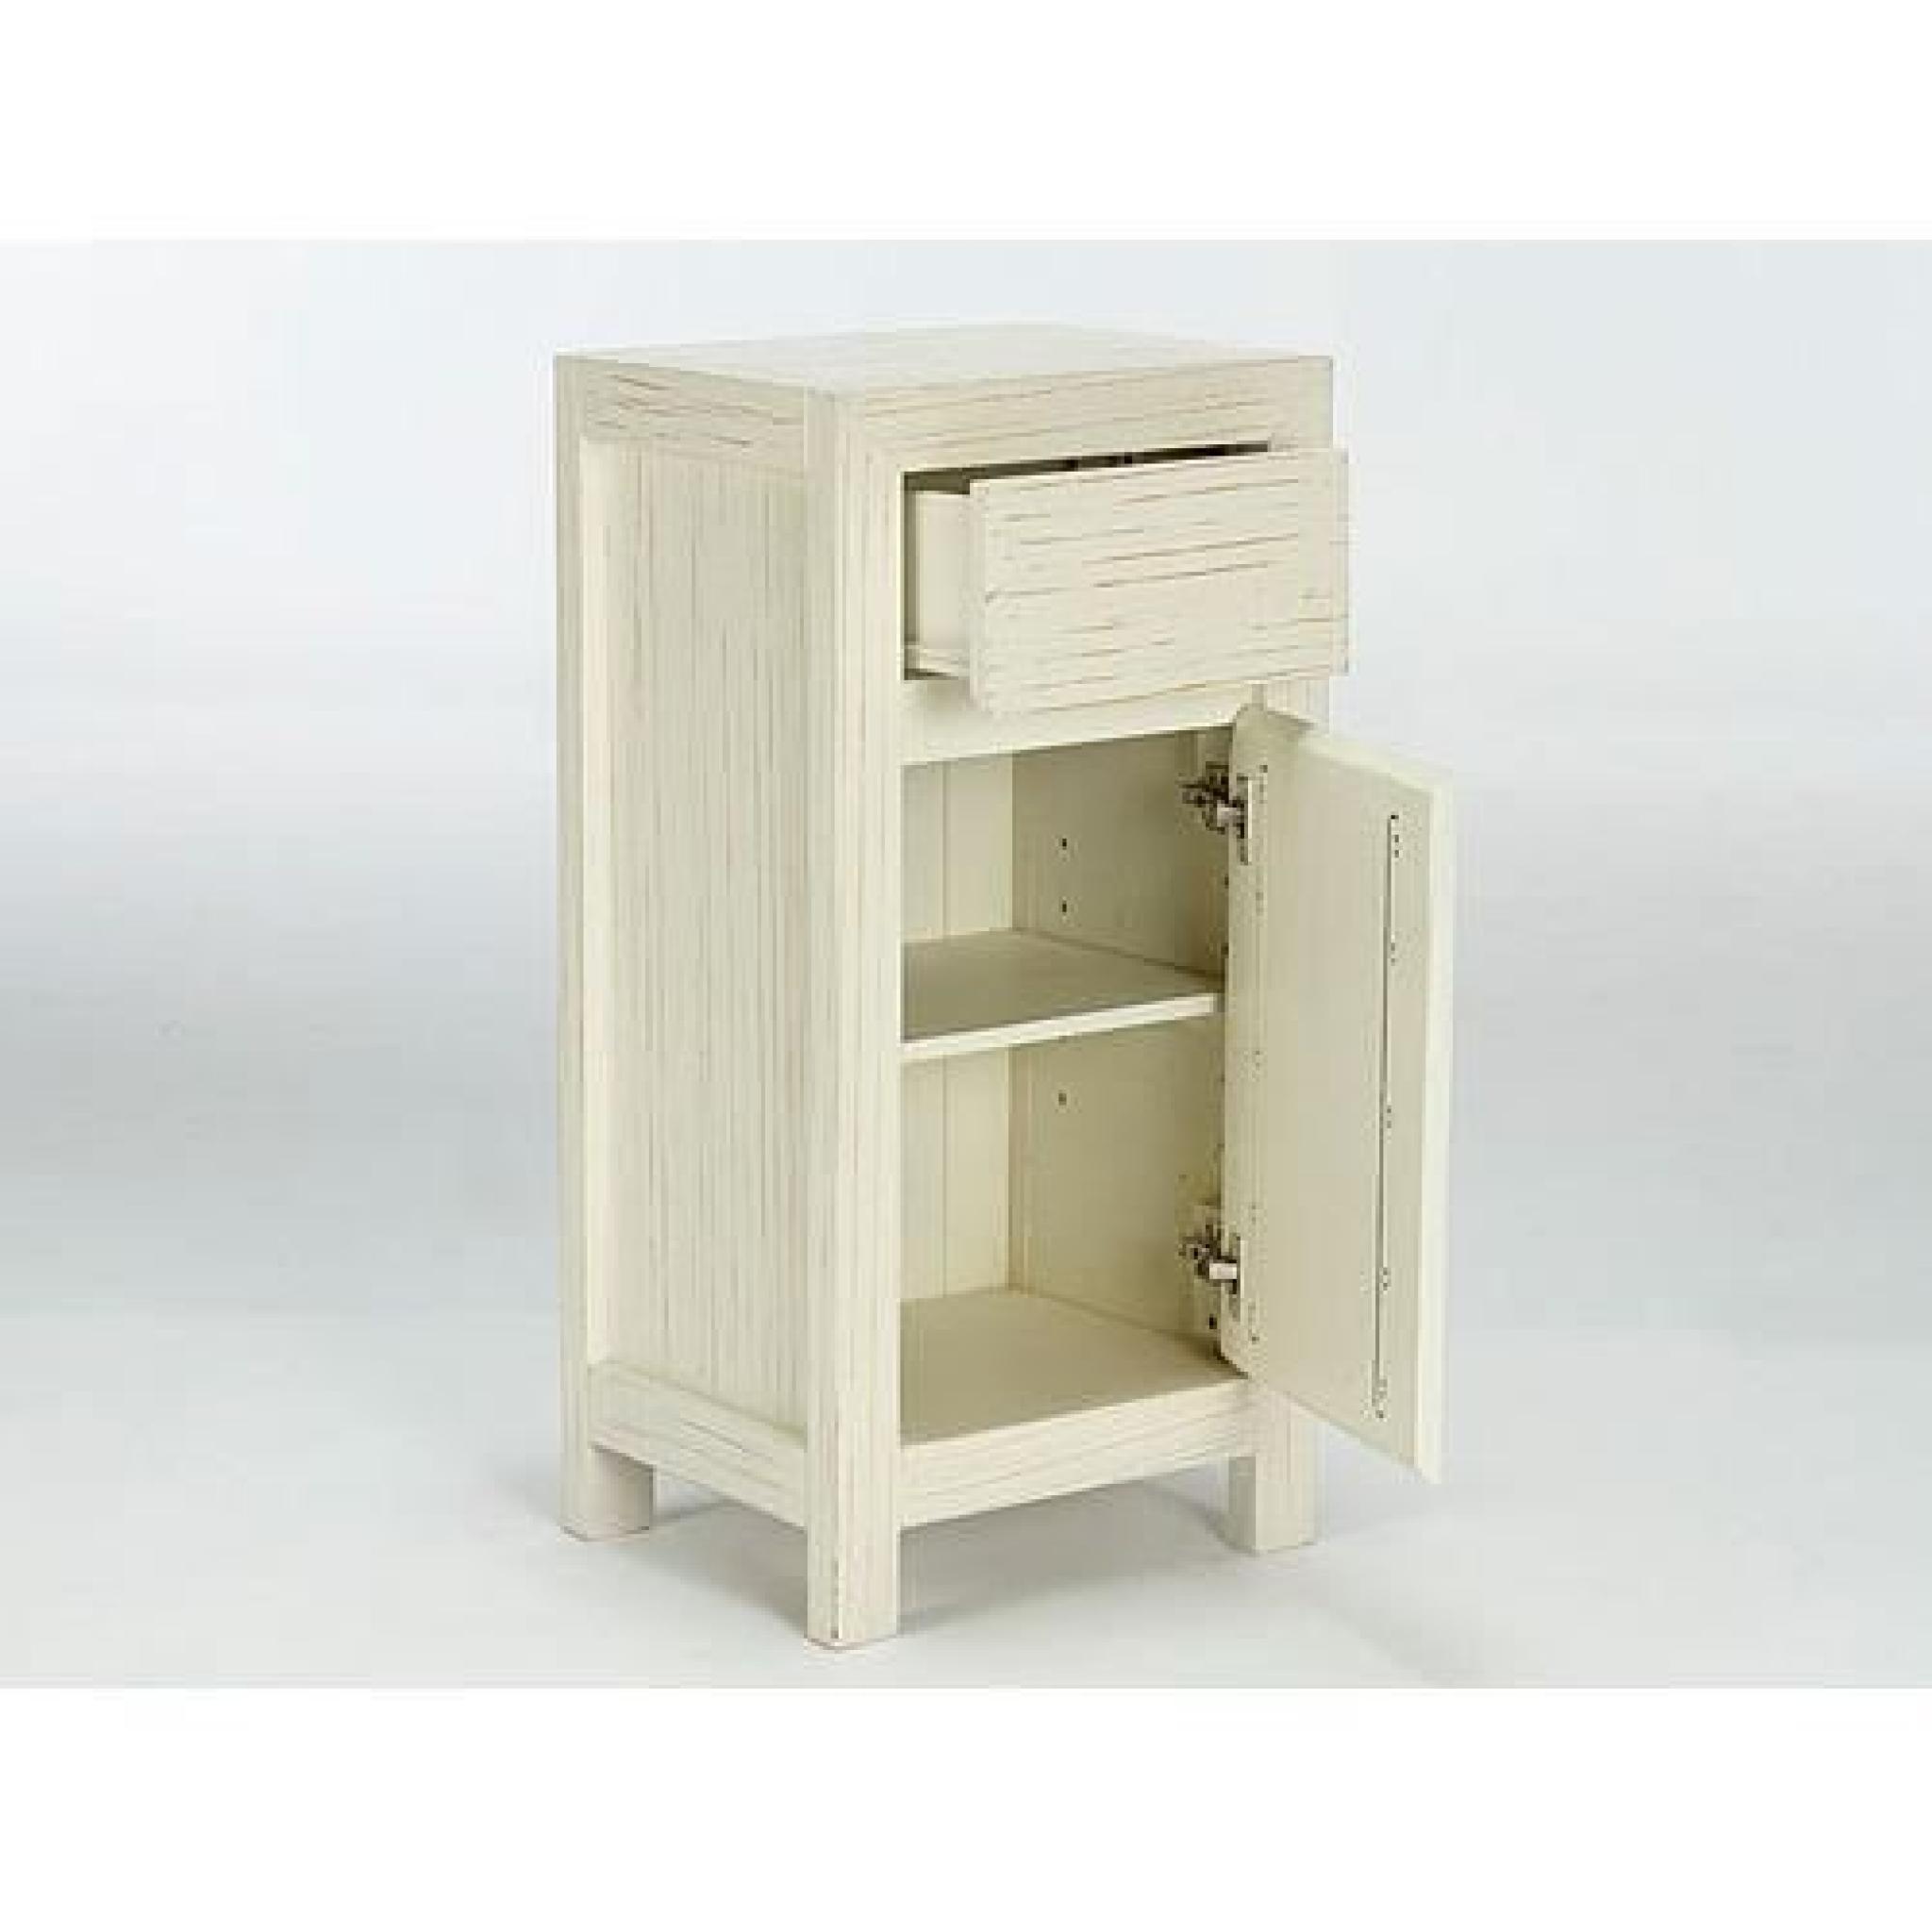 armoire basse babylon en pin laqu blanc massivum achat vente armoire de chambre pas cher. Black Bedroom Furniture Sets. Home Design Ideas